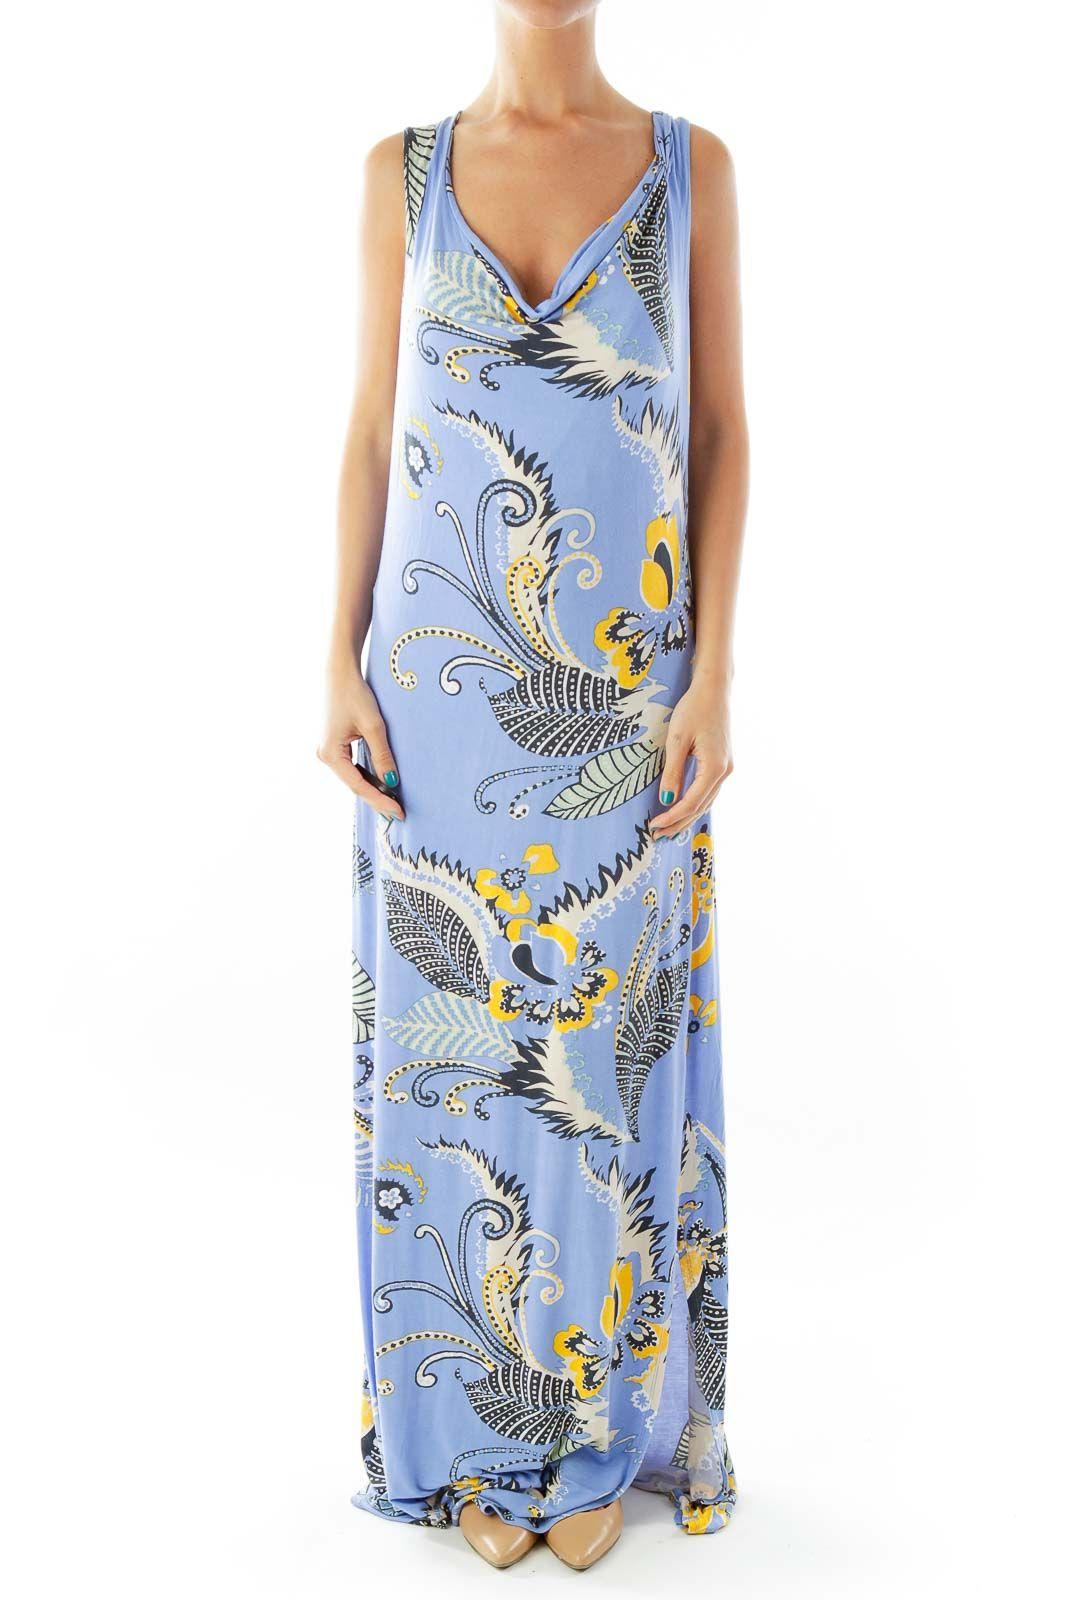 Tahari Blue Floral Maxi Dress Modal Rayon Elastane Silkroll In 2021 Blue Floral Maxi Dress Maxi Dress Floral Maxi Dress [ 1600 x 1067 Pixel ]